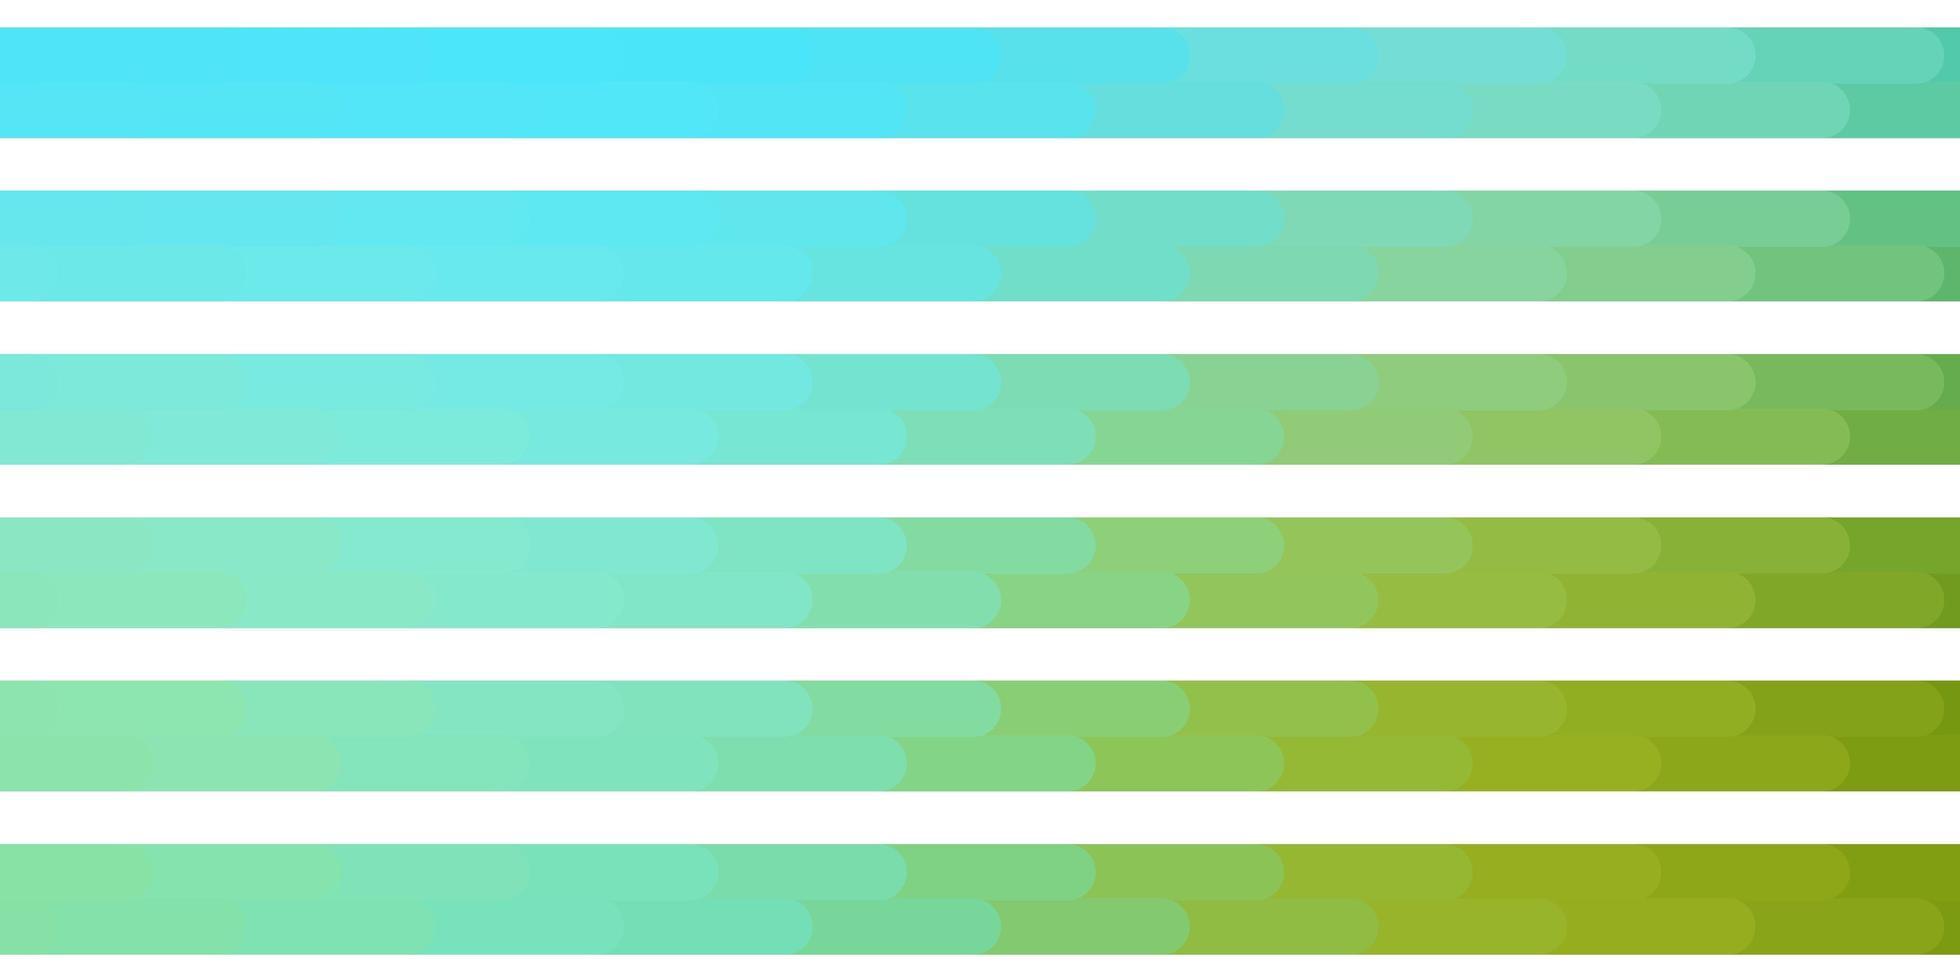 lichtblauw, groen sjabloon met lijnen. vector